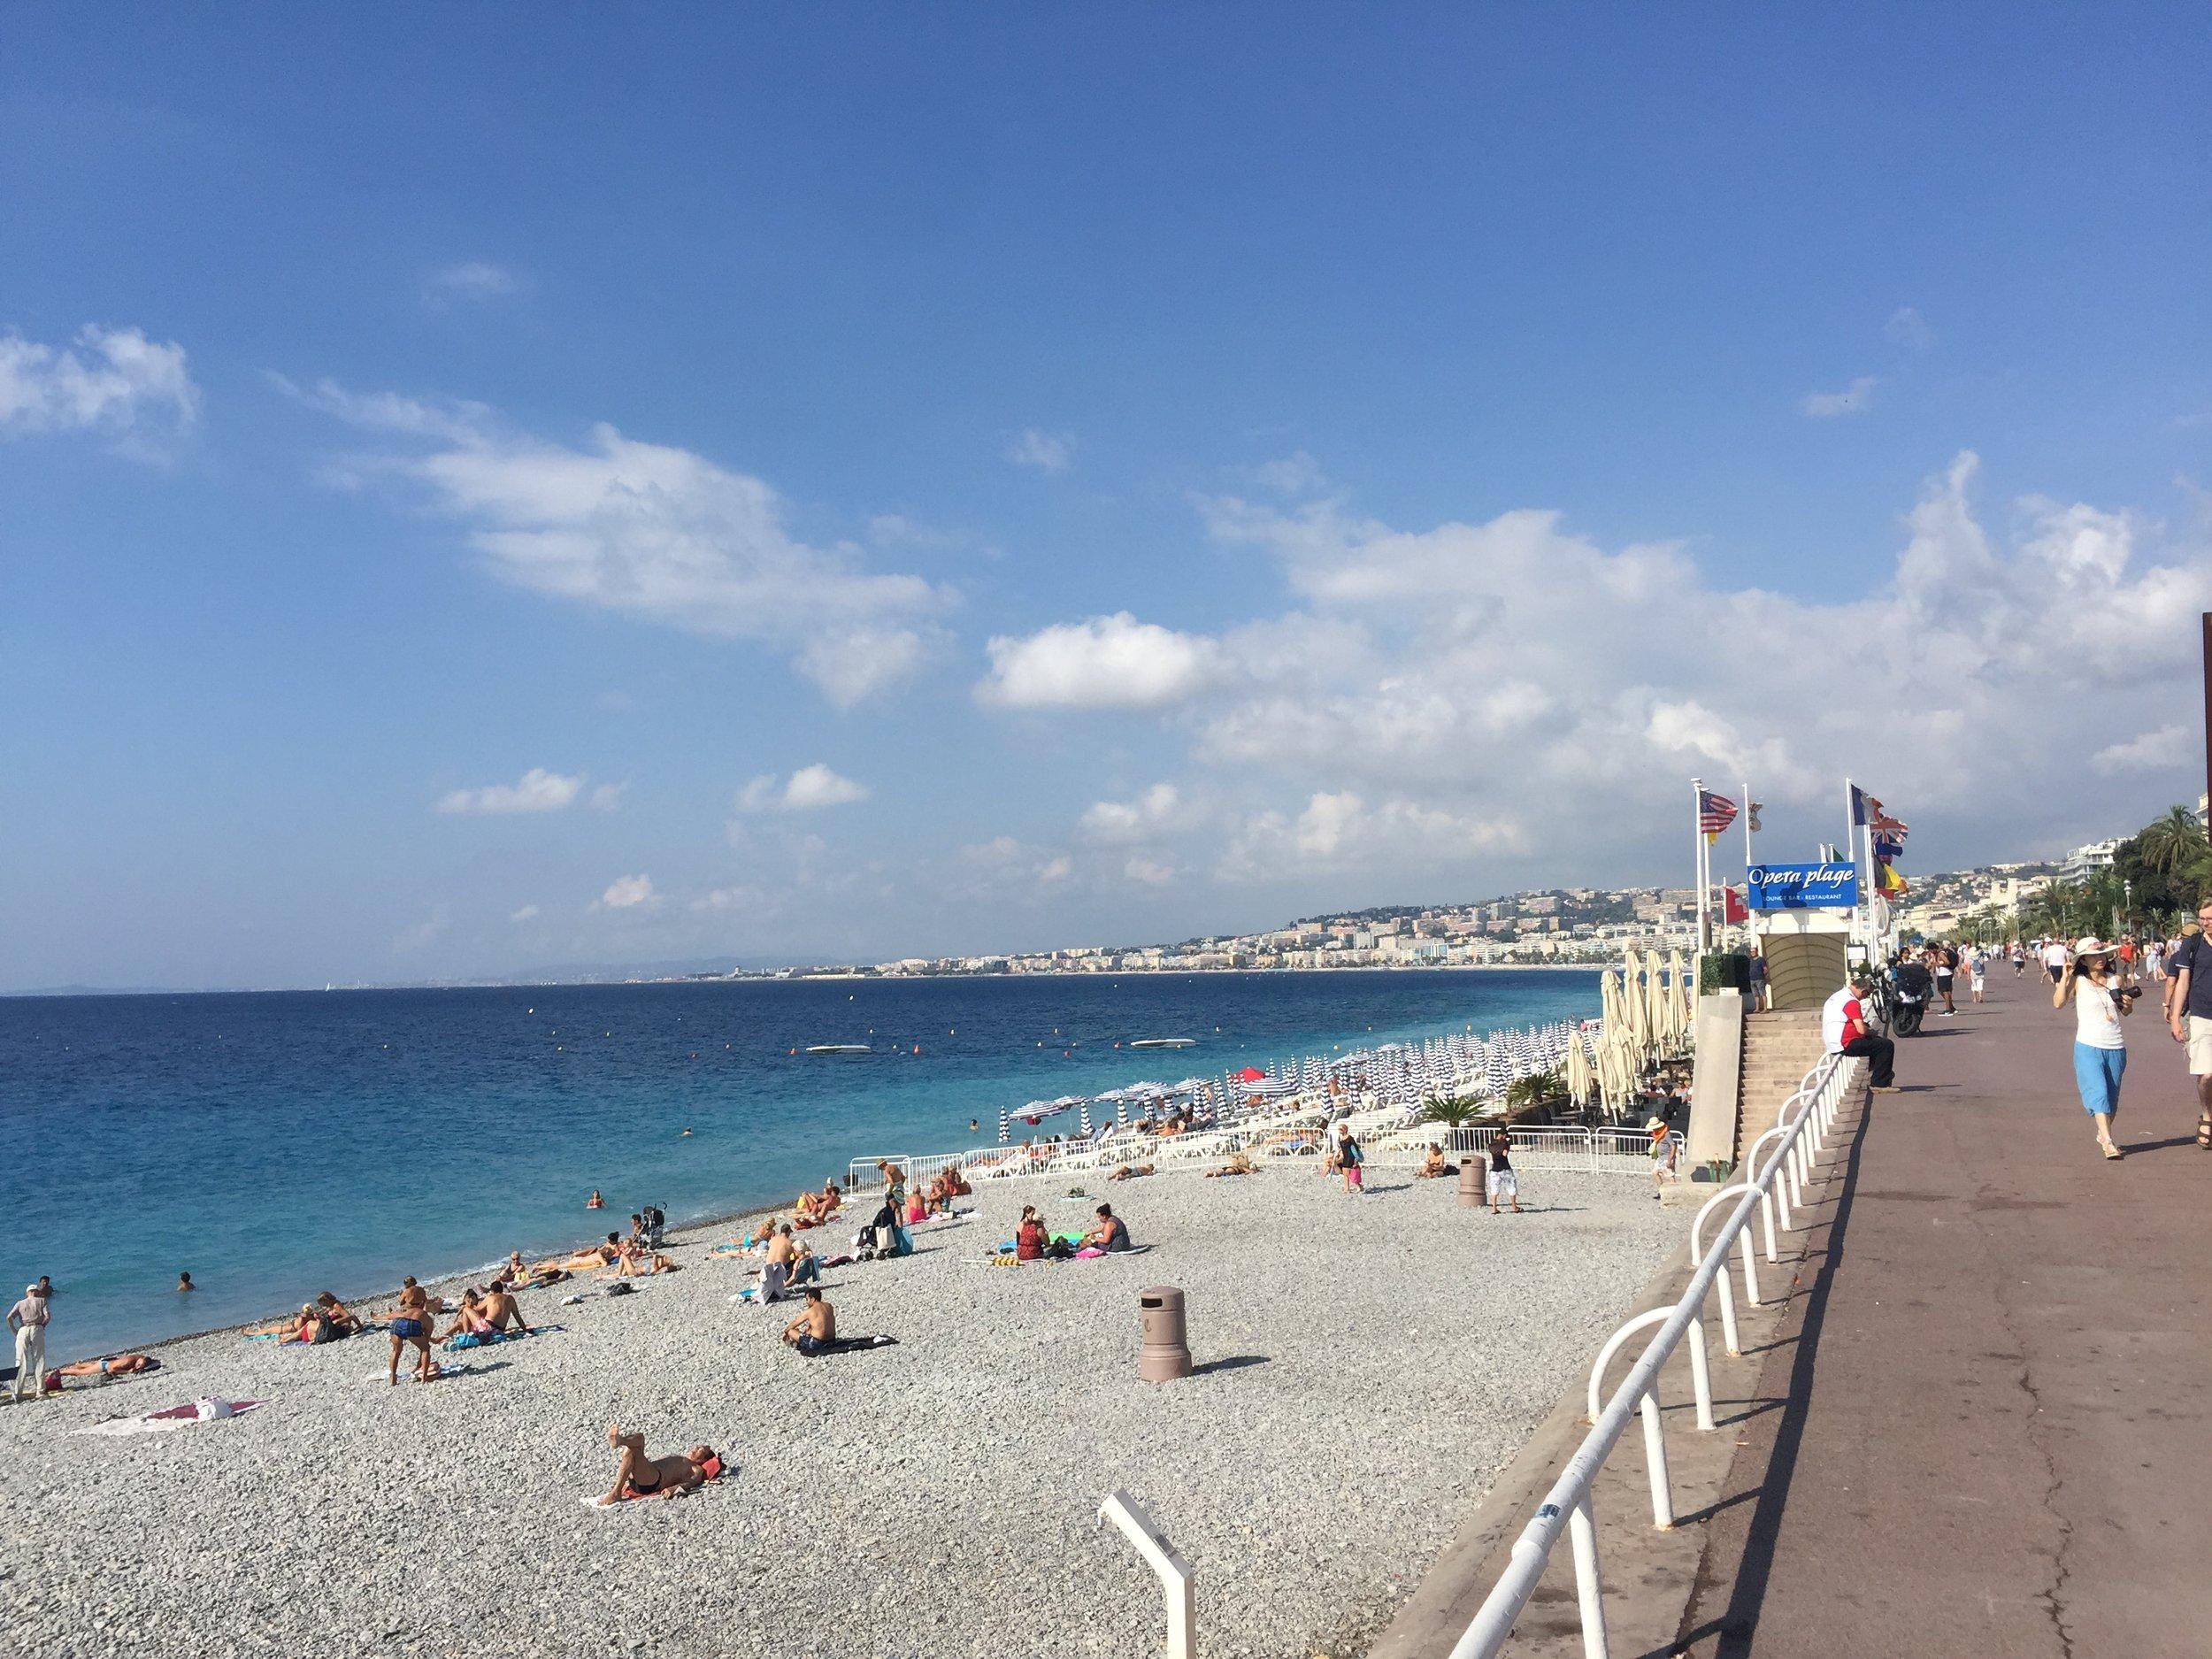 Plage De Nice Promenade Des Anglais - Boardwalkin' it